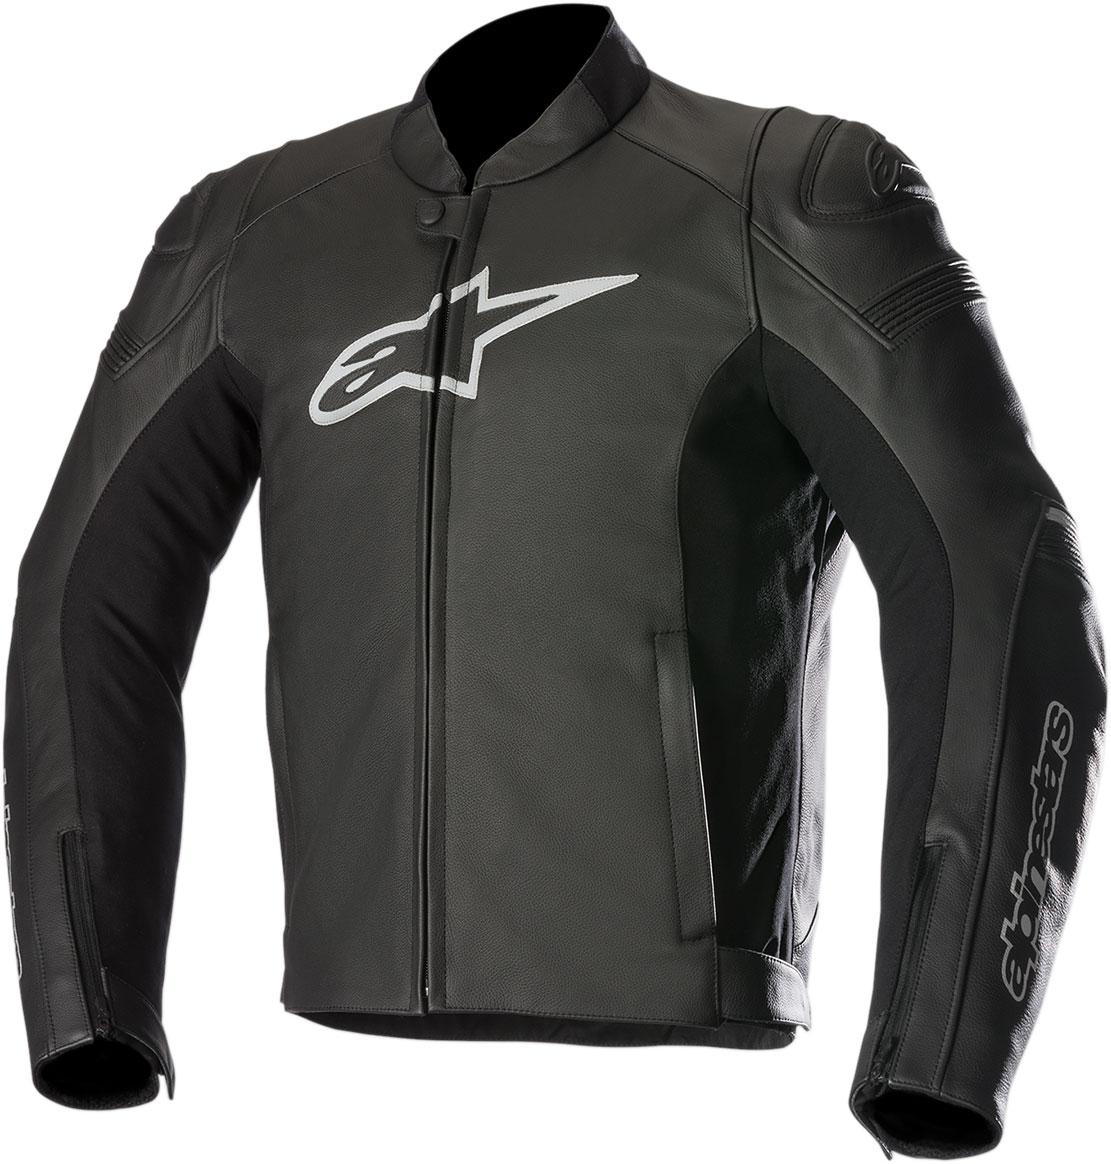 Alpinestars SP-1 Leather Jacket (Black)